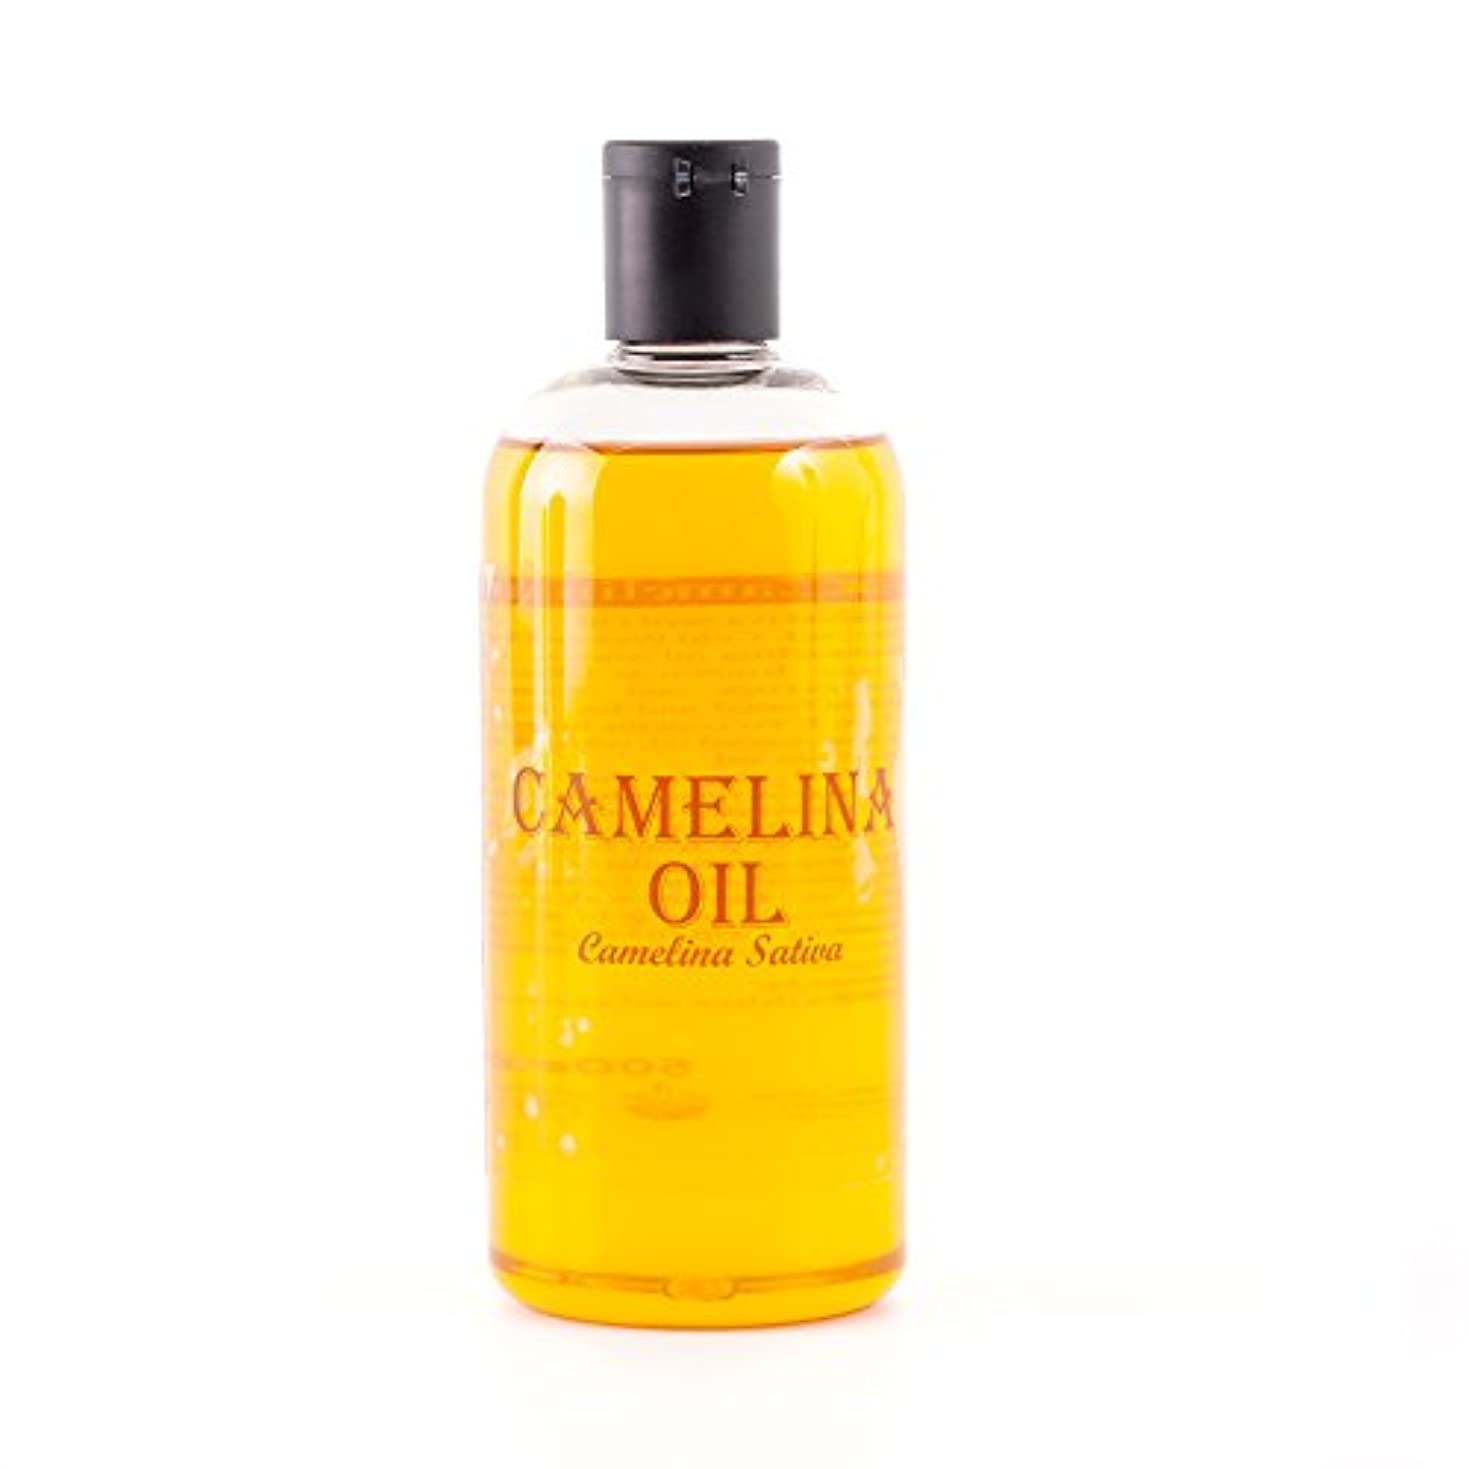 十分に共和党コメントMystic Moments | Camelina Virgin Carrier Oil - 500ml - 100% Pure